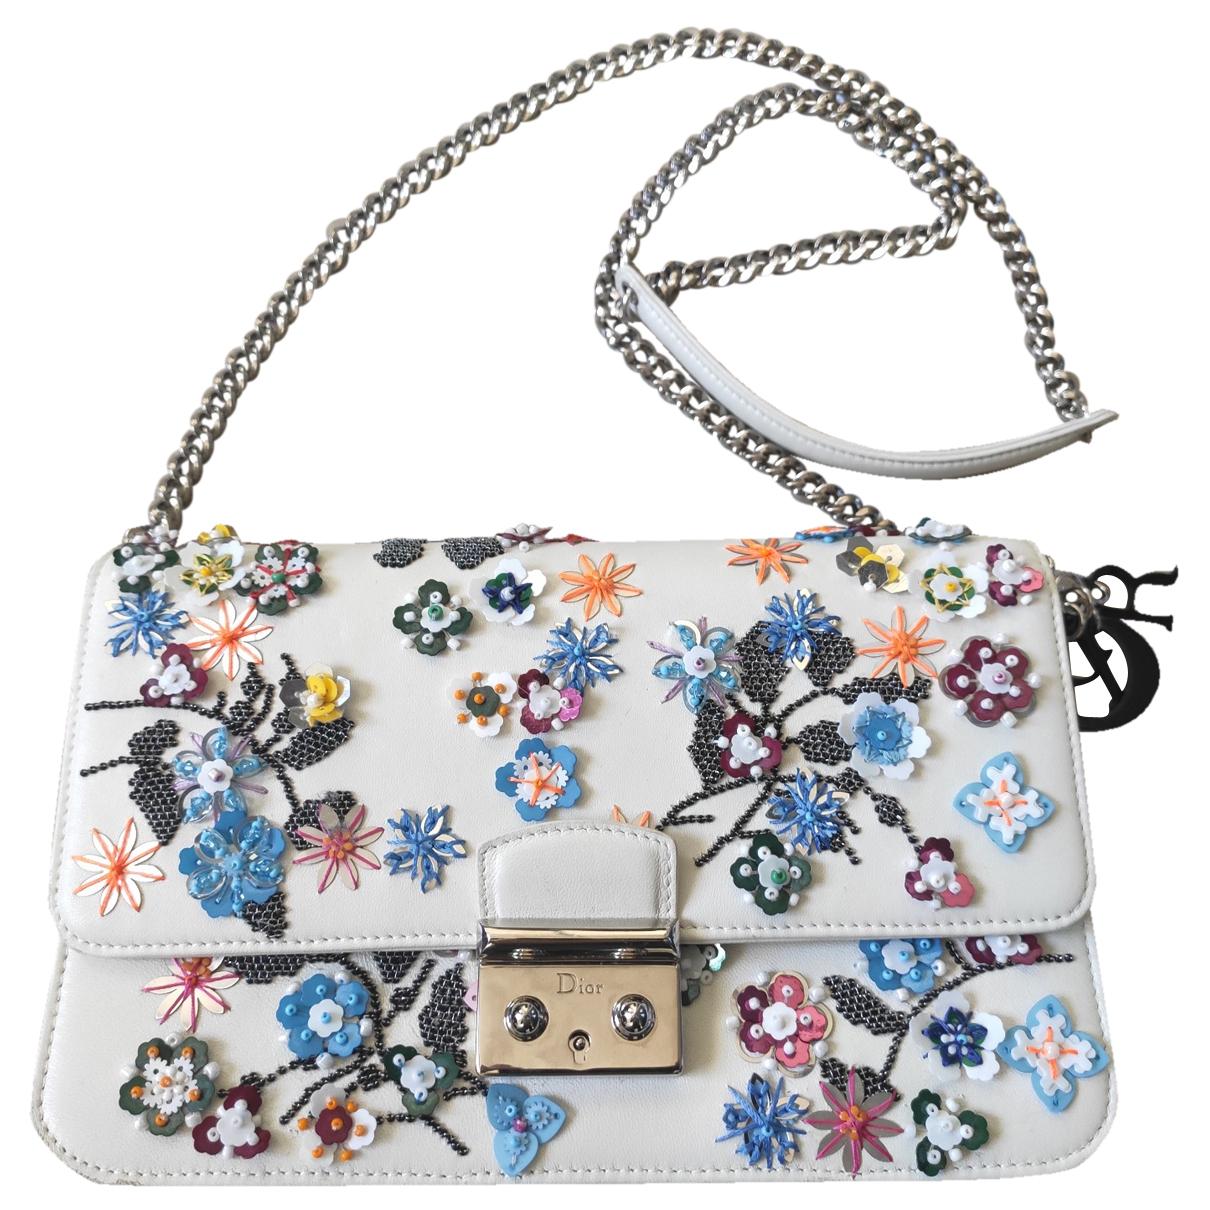 Dior - Sac a main Miss Dior pour femme en cuir - multicolore